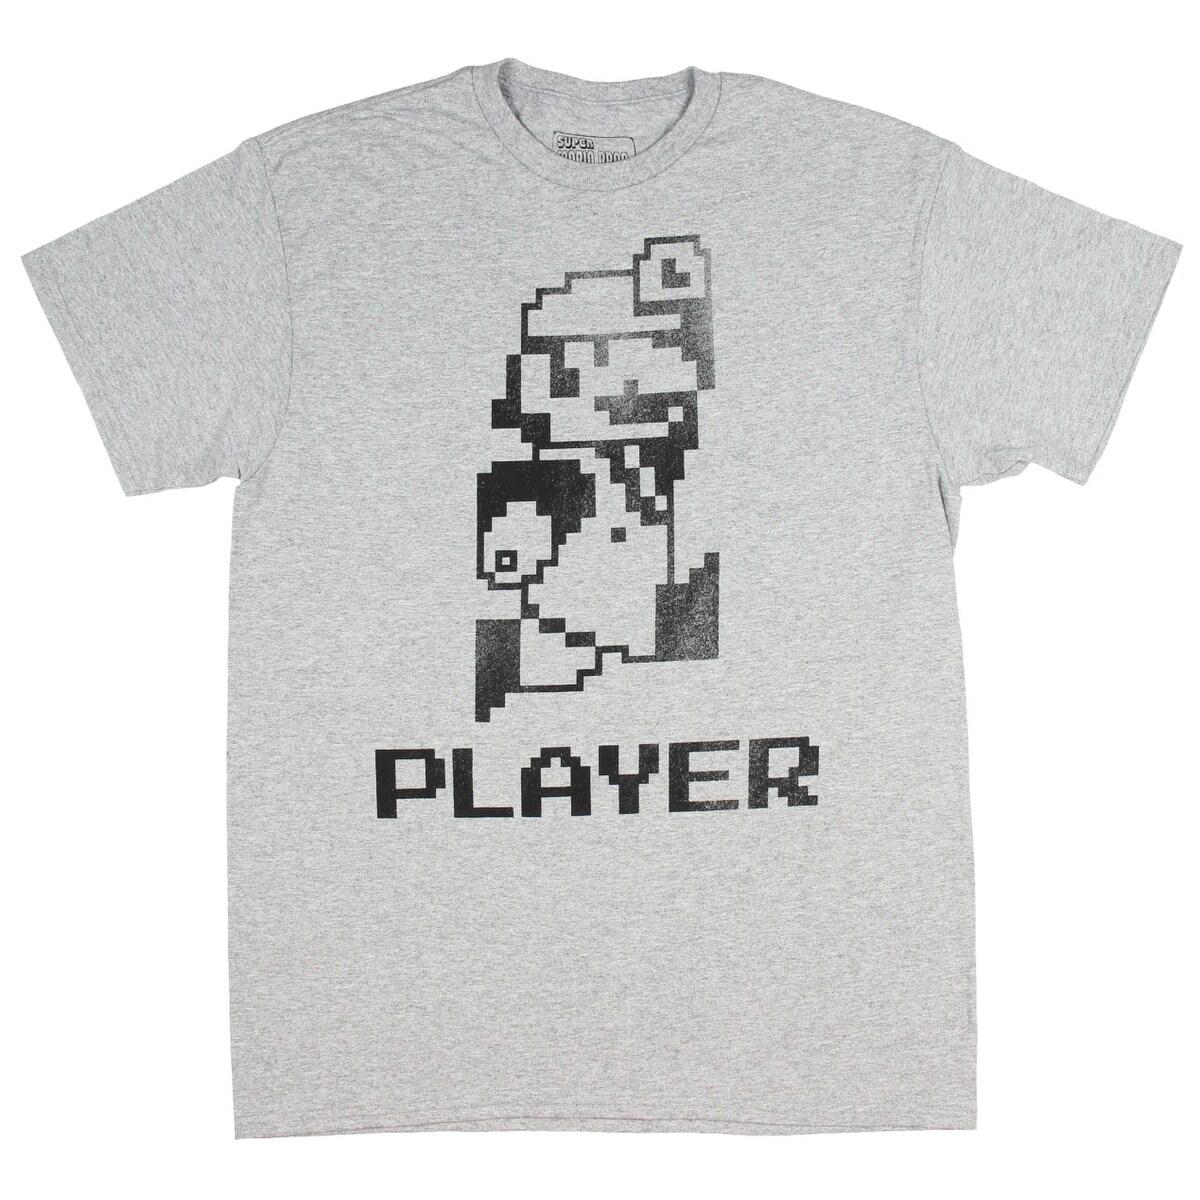 db9c3a58ad9712 Nintendo Super Mario T Shirts